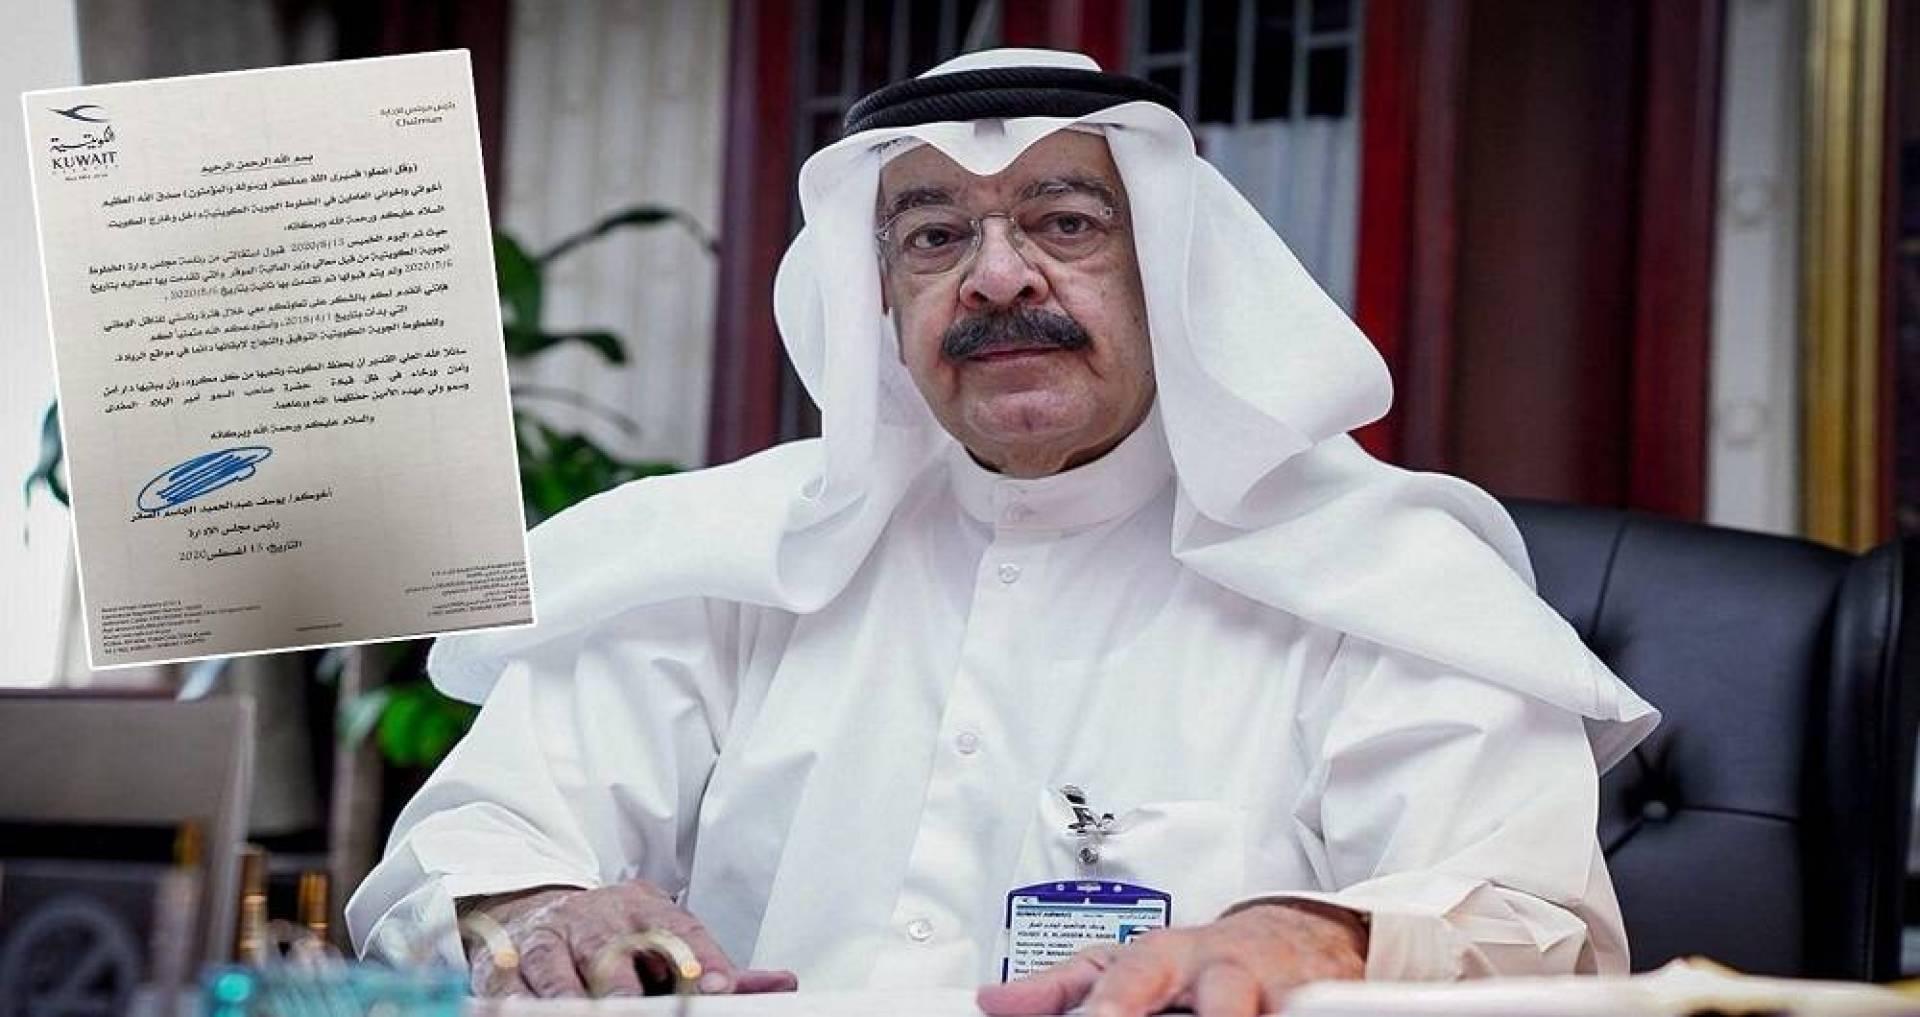 قبول استقالة الجاسم من رئاسة «الكويتية»